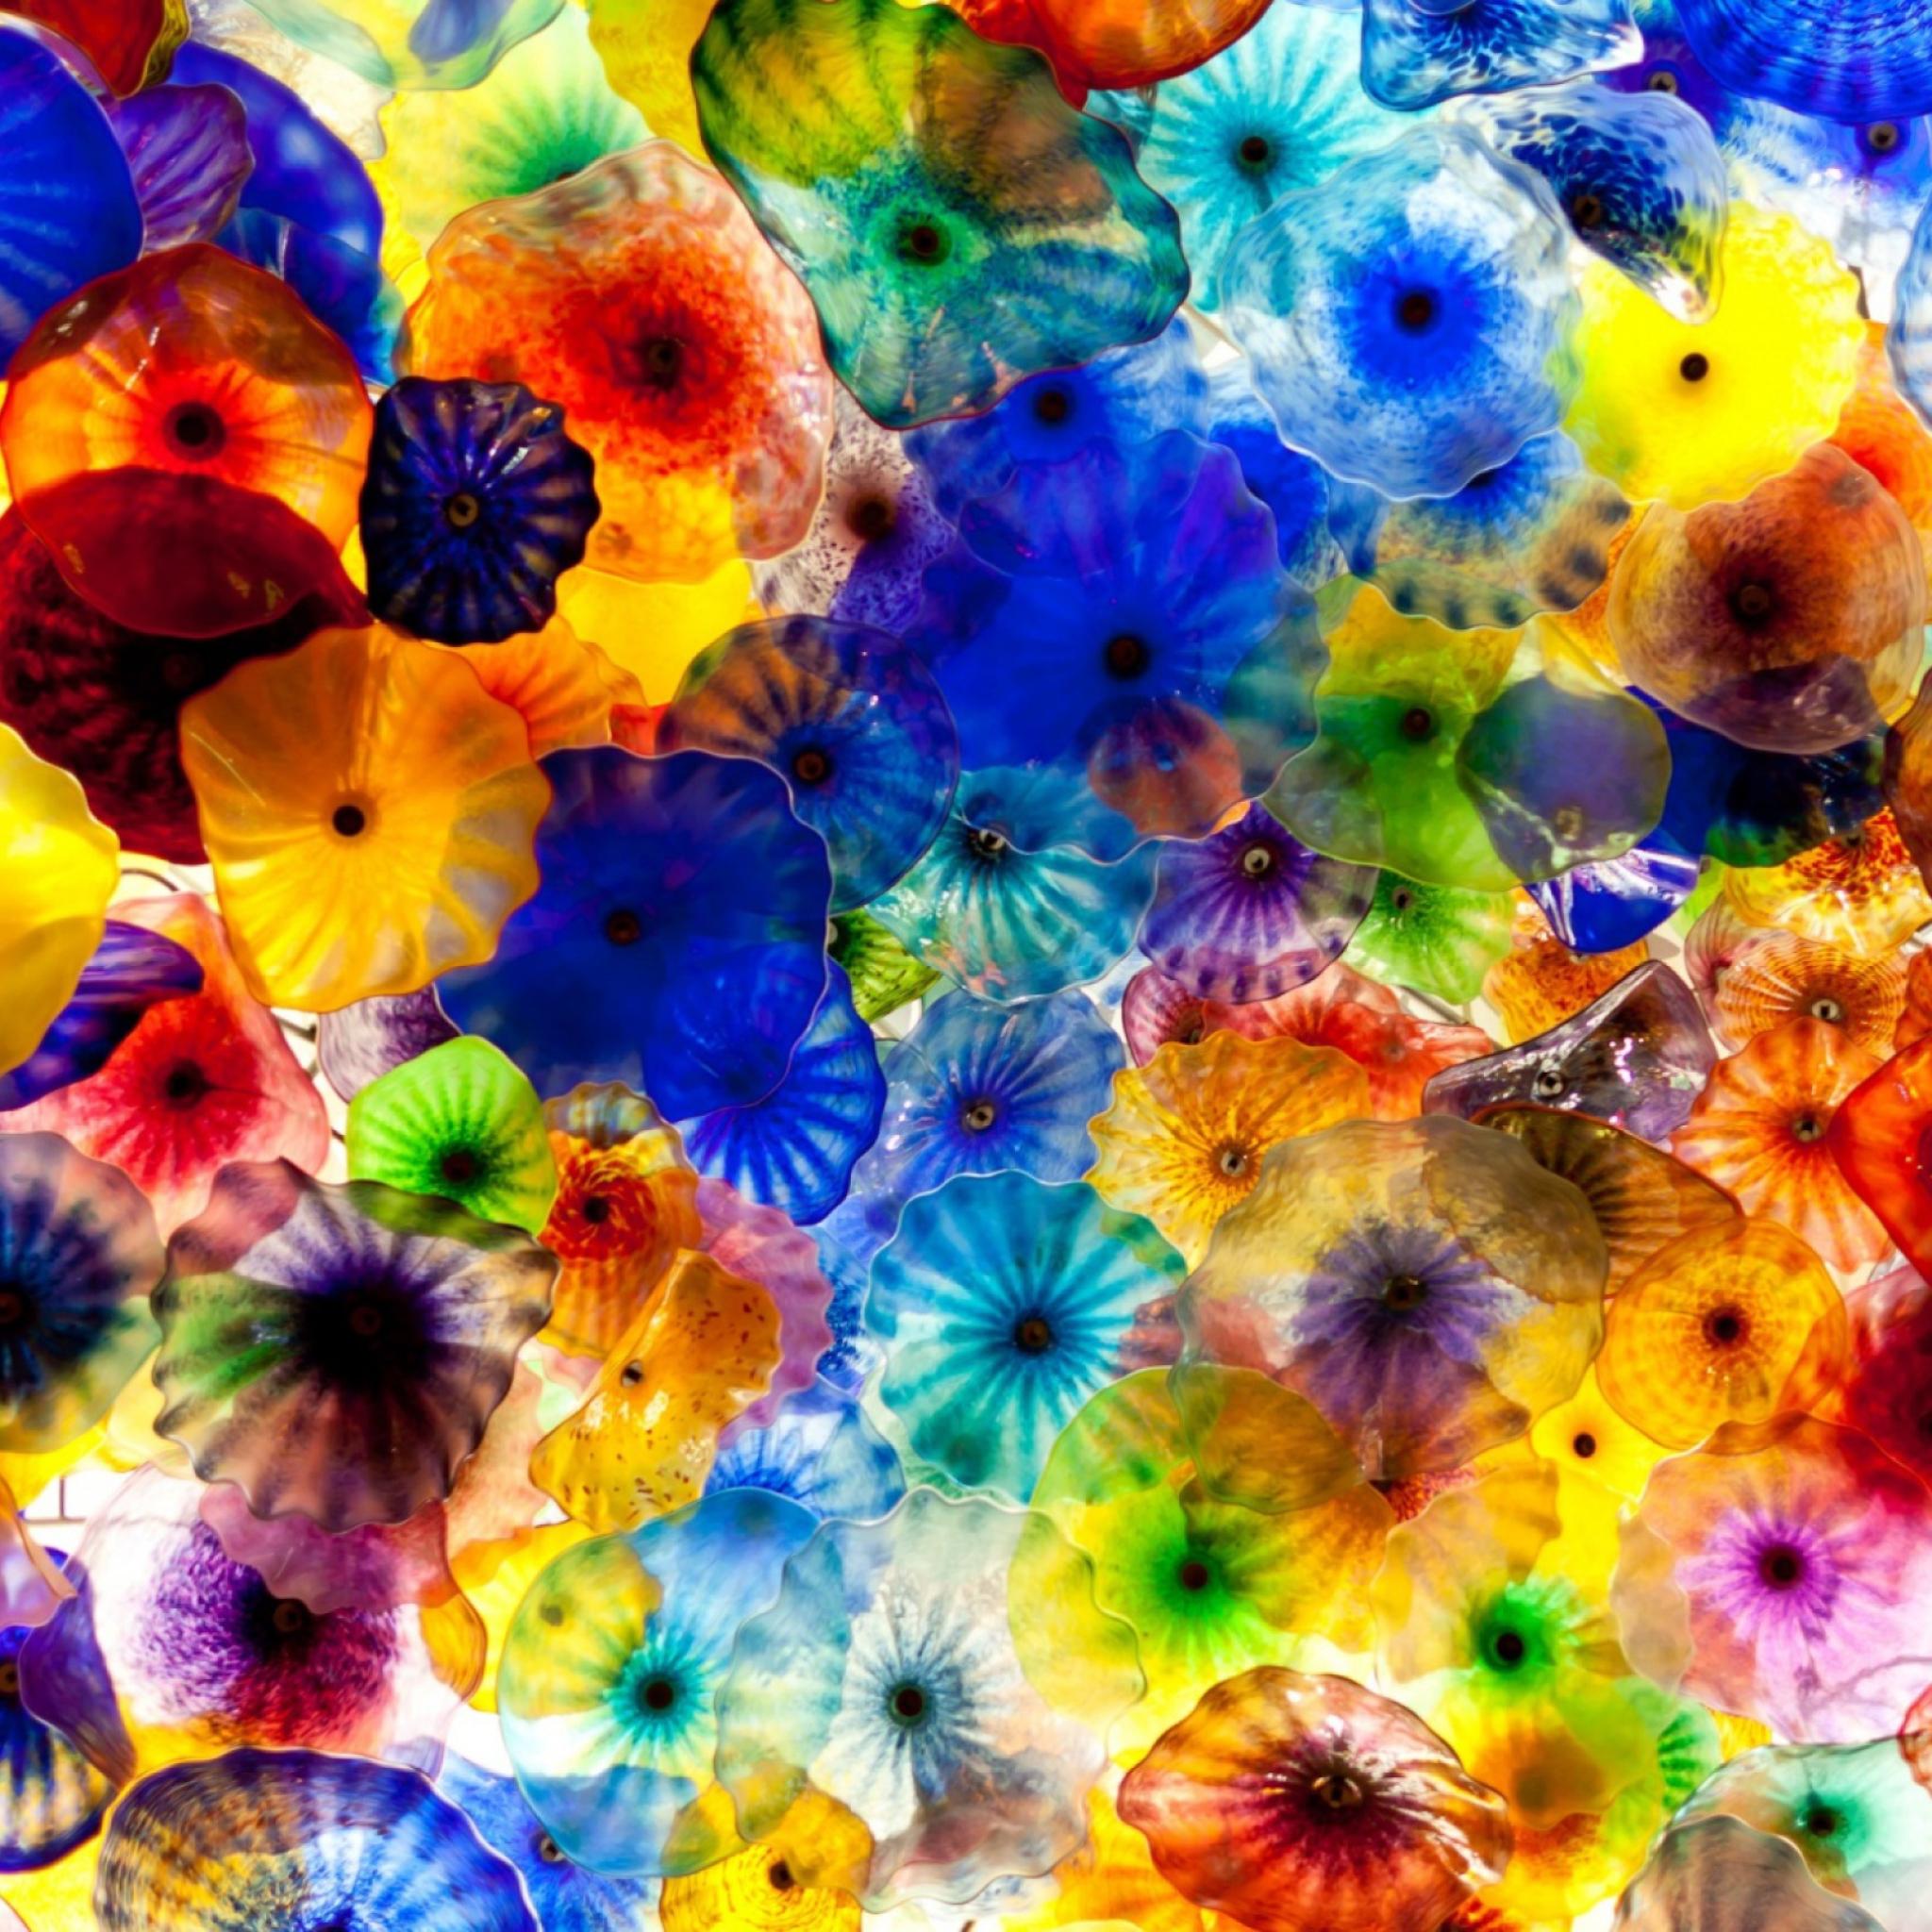 Картинки яркие красочные на телефон